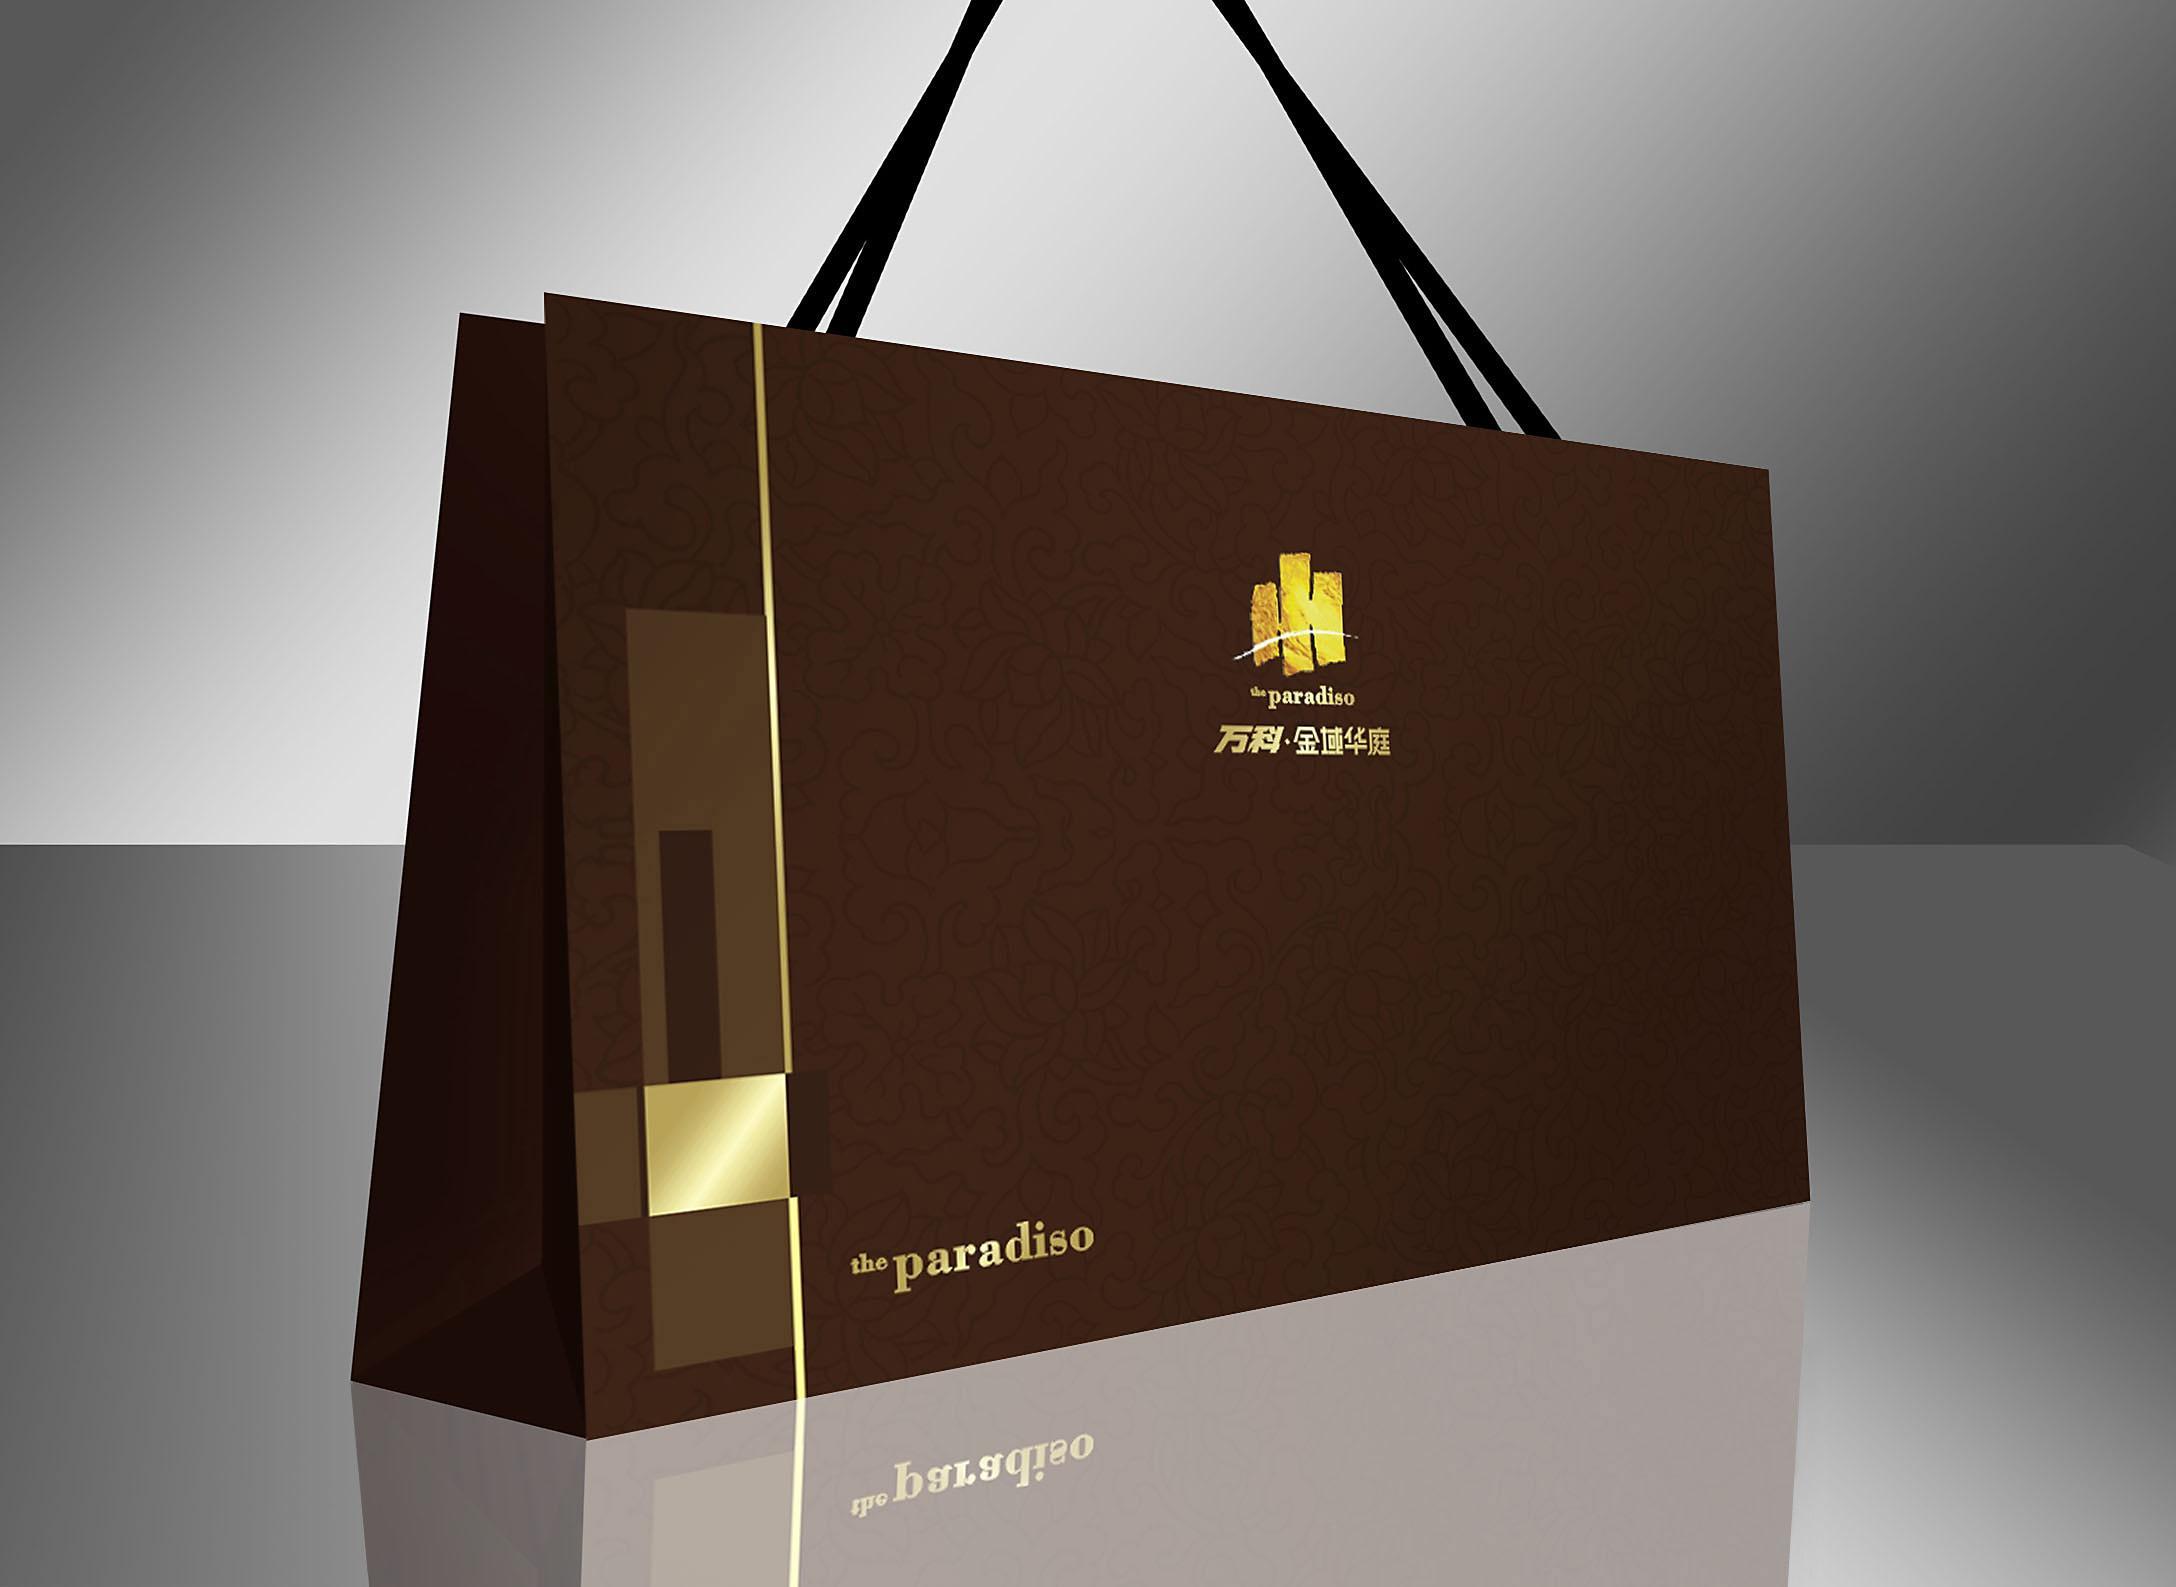 包装 包装设计 购物纸袋 纸袋 2176_1587